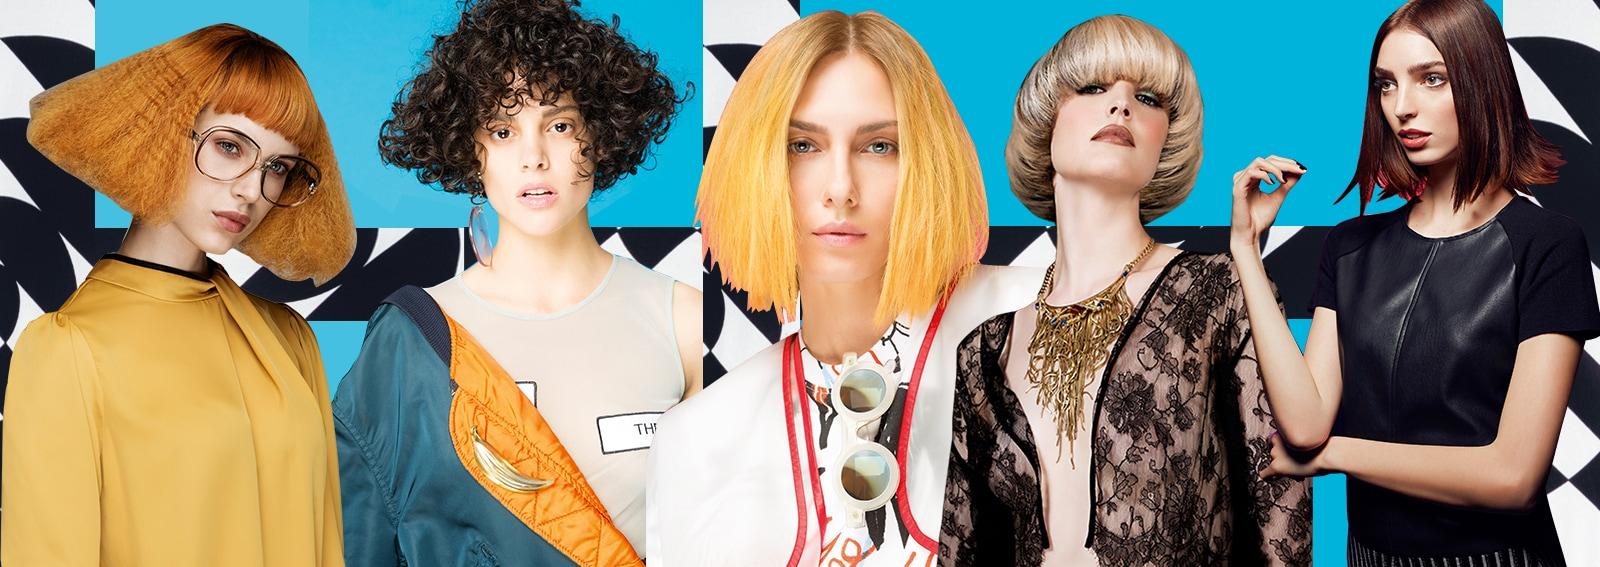 tagli capelli medi saloni collage_desktop